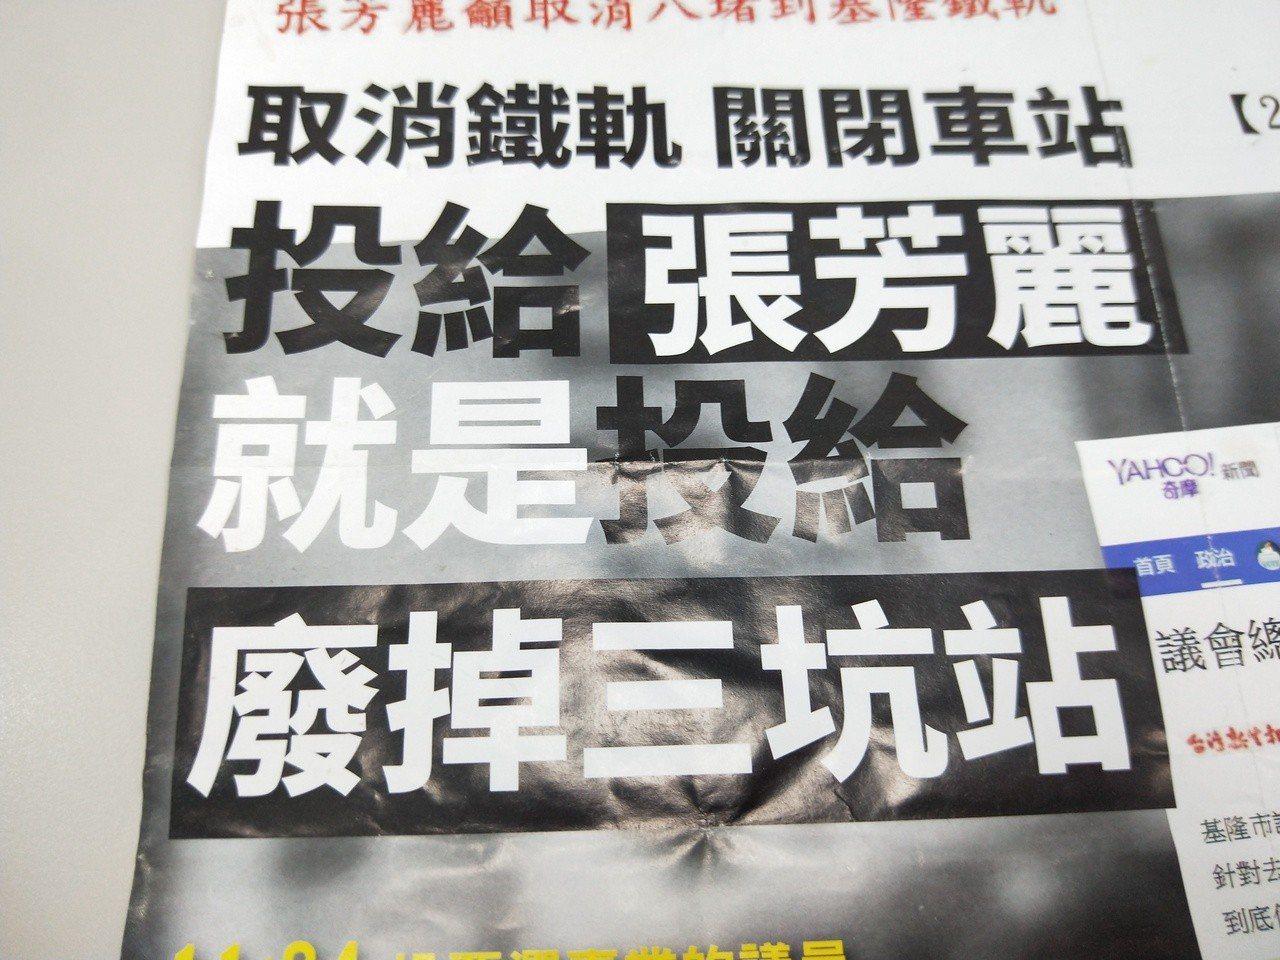 鄭文婷今天散發一份文宣,「投給張芳麗就是投給廢掉三坑站」,引發爭議。記者游明煌/...